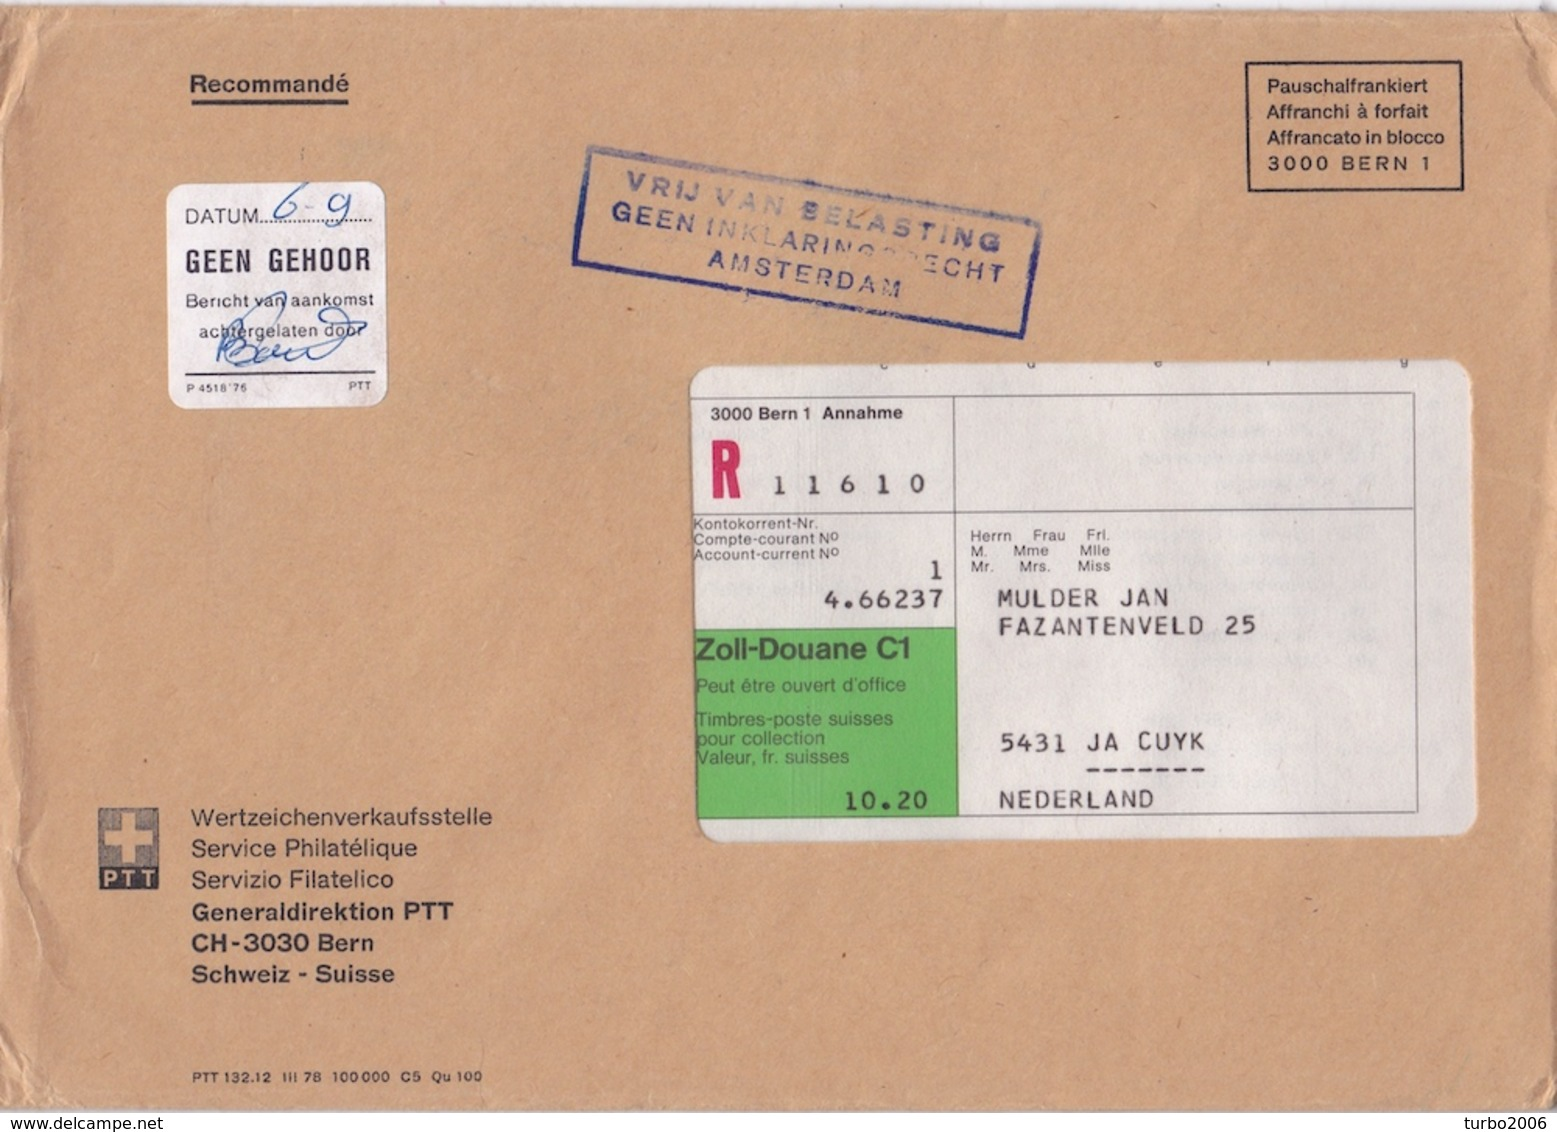 1979 Aangetekende Envelop 16 X 23 Cm Uit Zwitserland Met O.a. VRIJ VAN BELASTING, GEEN INKLARINGSRECHT AMSTERDAM - Poststempels/ Marcofilie